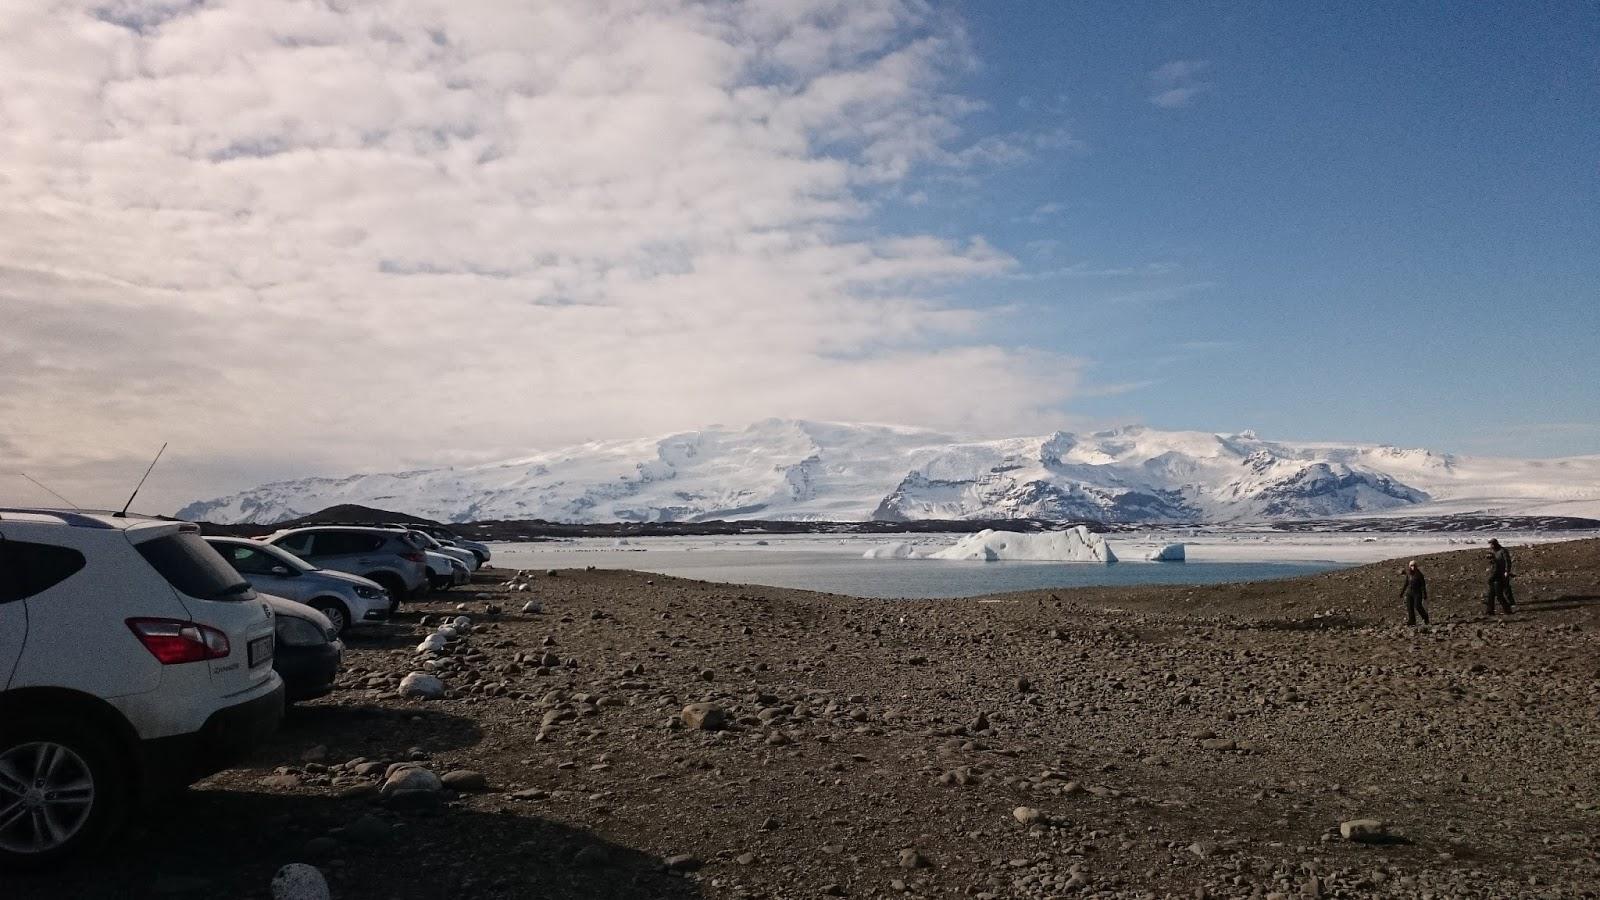 Laguna Lodowcowa, Jokulsarlon, Islandia, co zwiedzic w Islandii, atrakcje Islandii